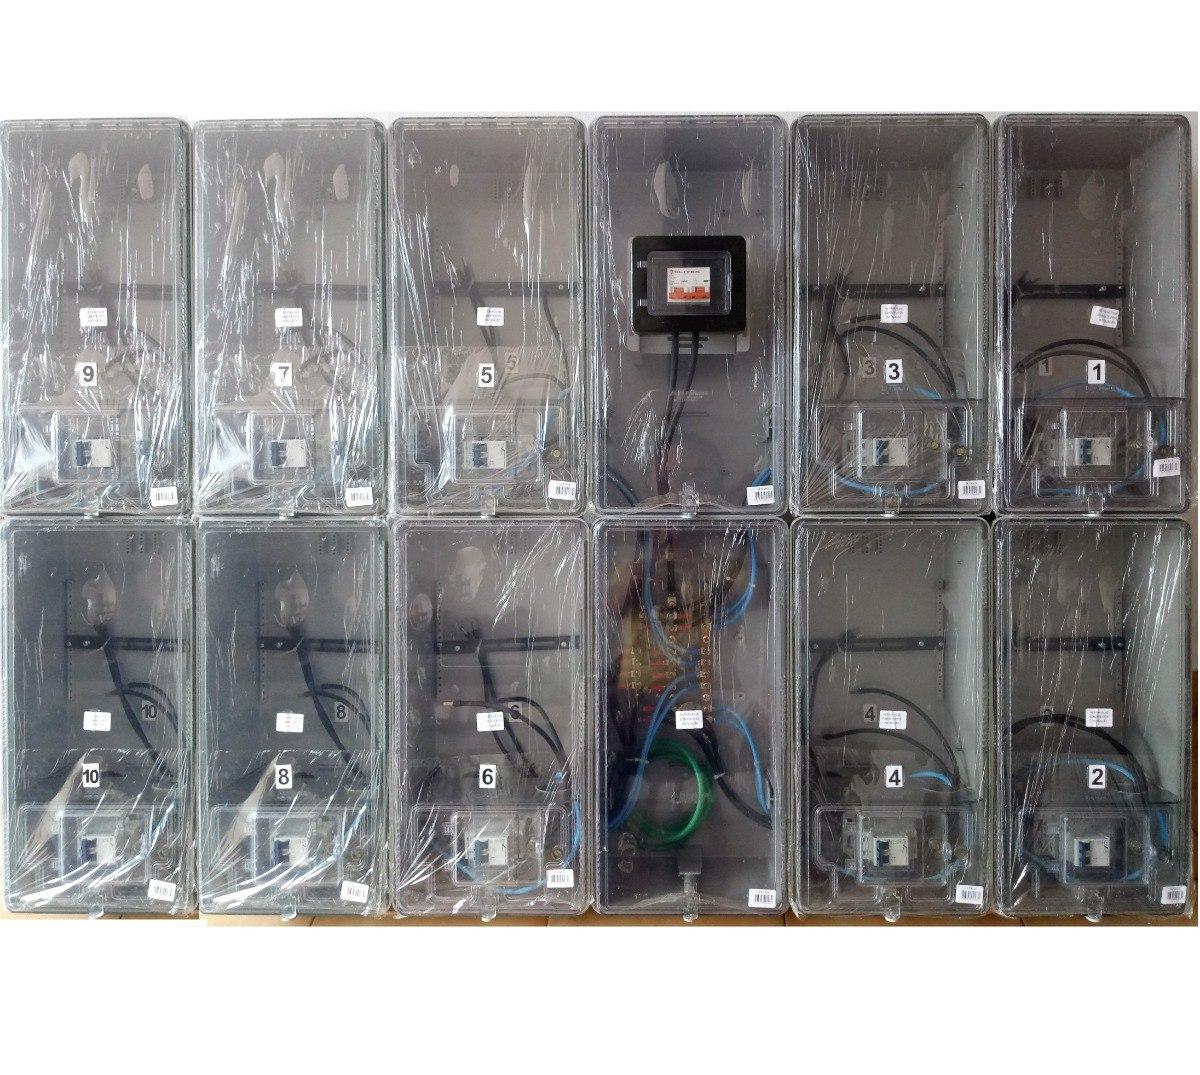 be0915fefa9 caixa luz 10 medidores padrão edp bandeirante   cpfl relógio. Carregando  zoom.